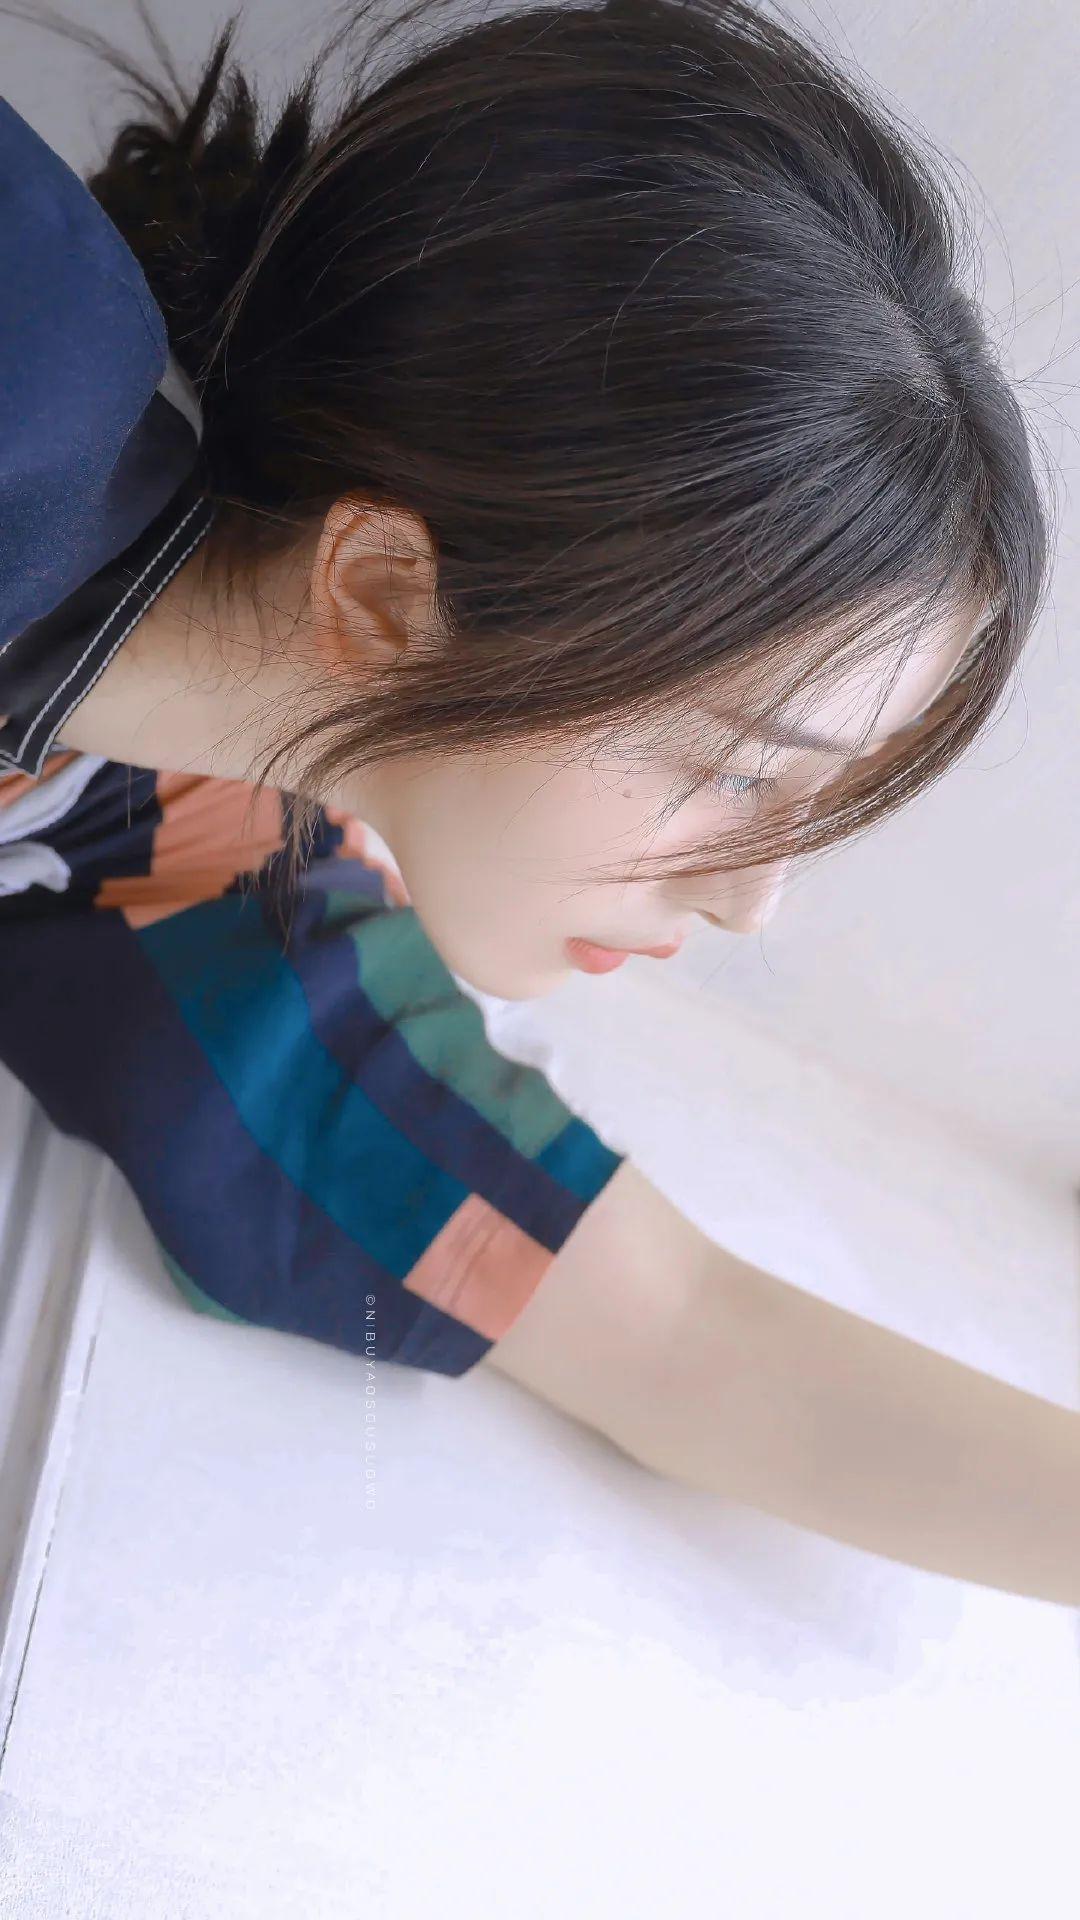 妹子写真 – 赵小棠和Angelababy,谁更有仙气呢?_图片 No.3